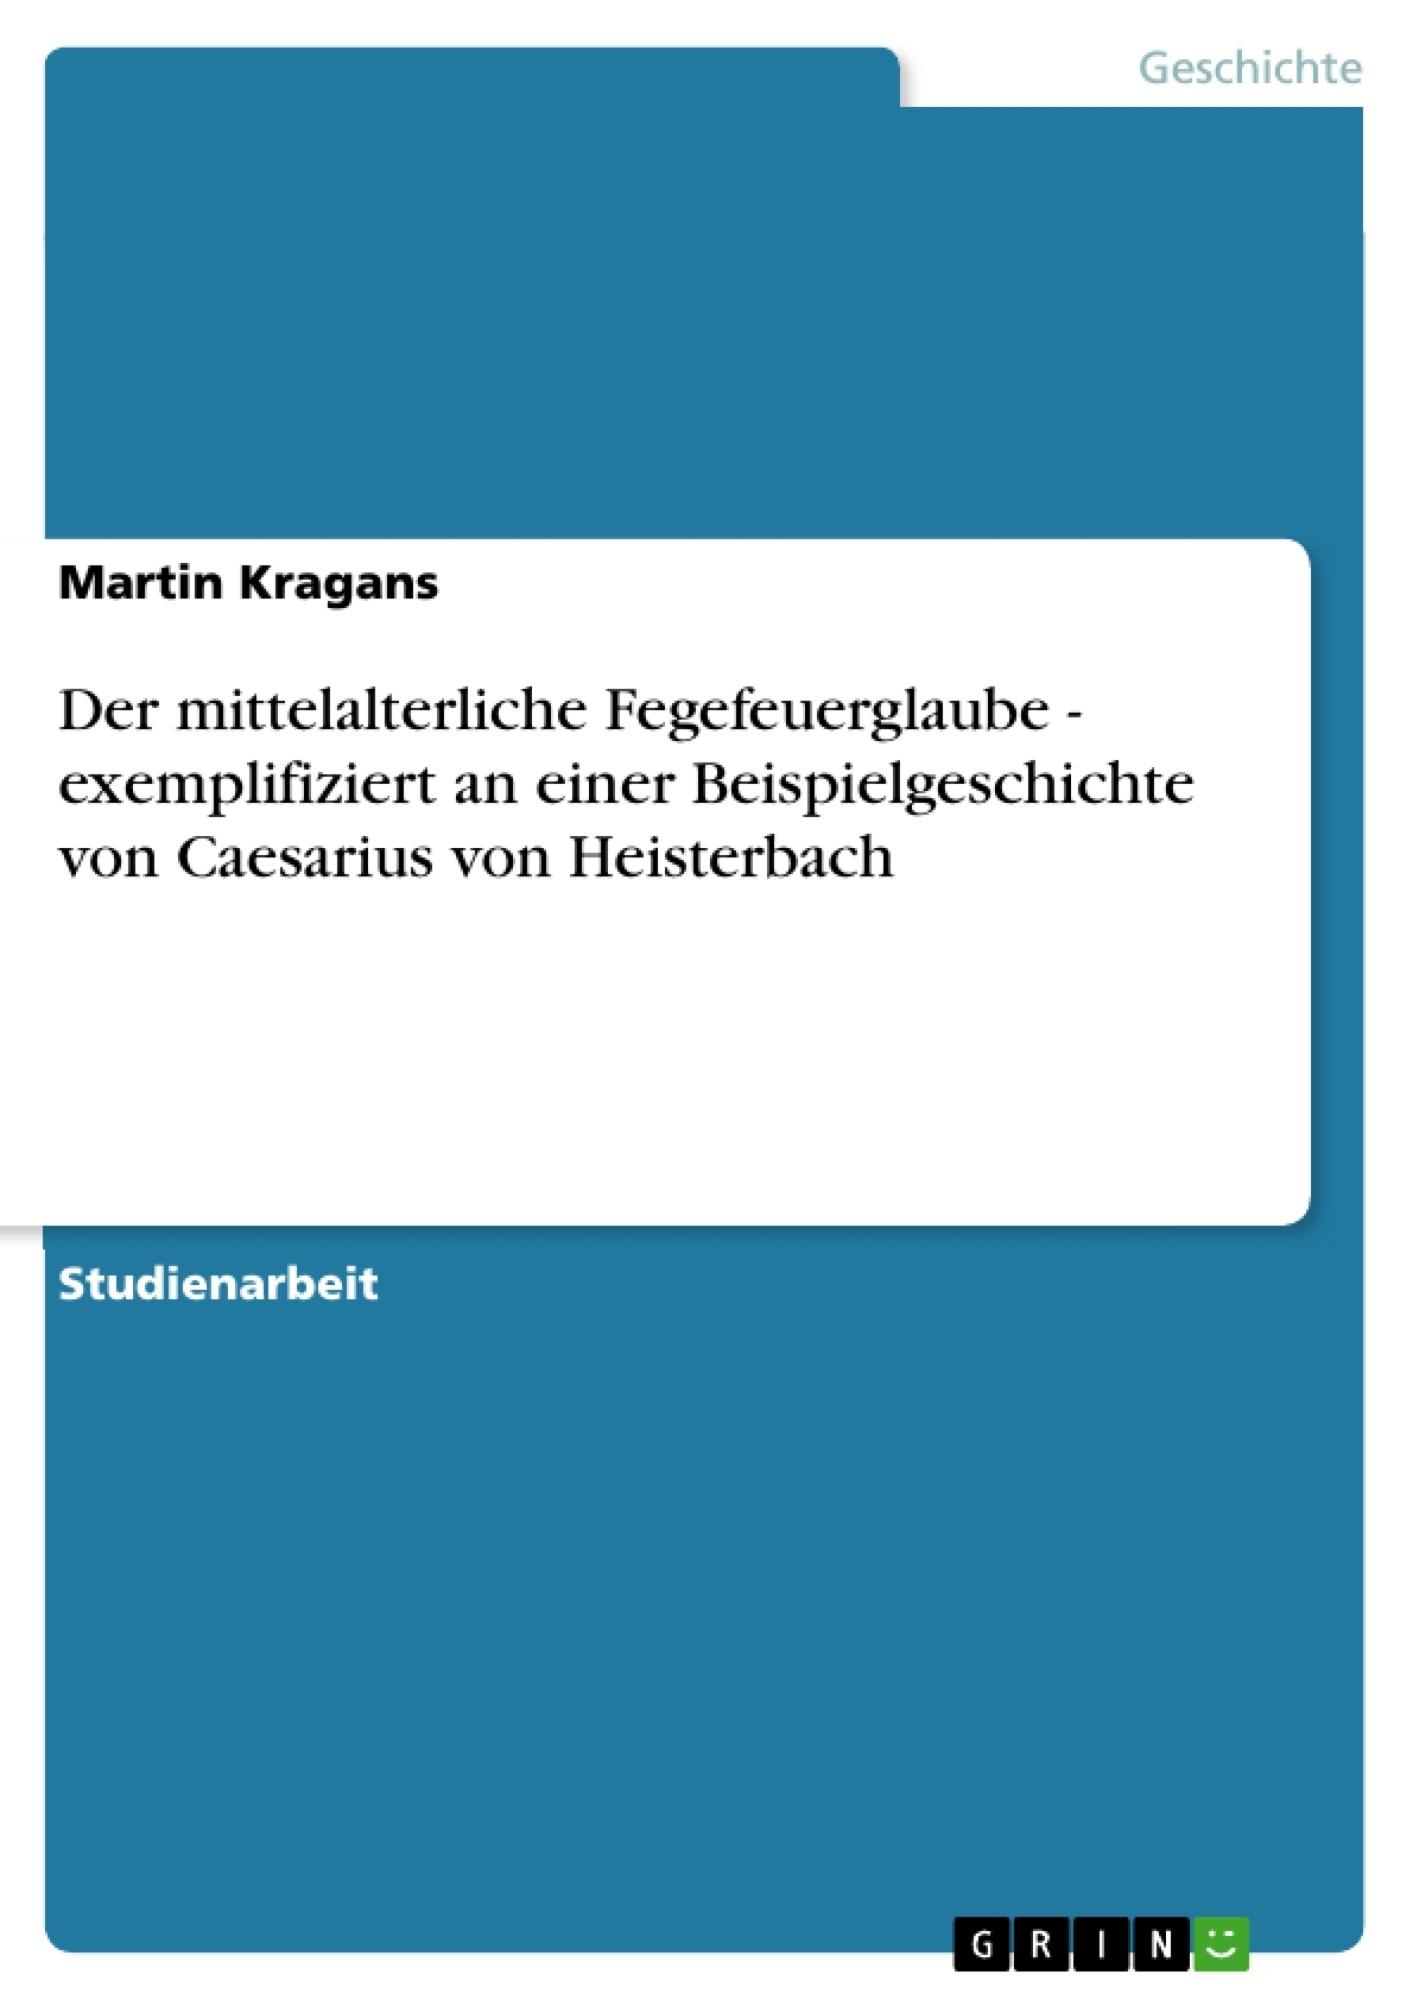 Titel: Der mittelalterliche Fegefeuerglaube - exemplifiziert an einer Beispielgeschichte von Caesarius von Heisterbach